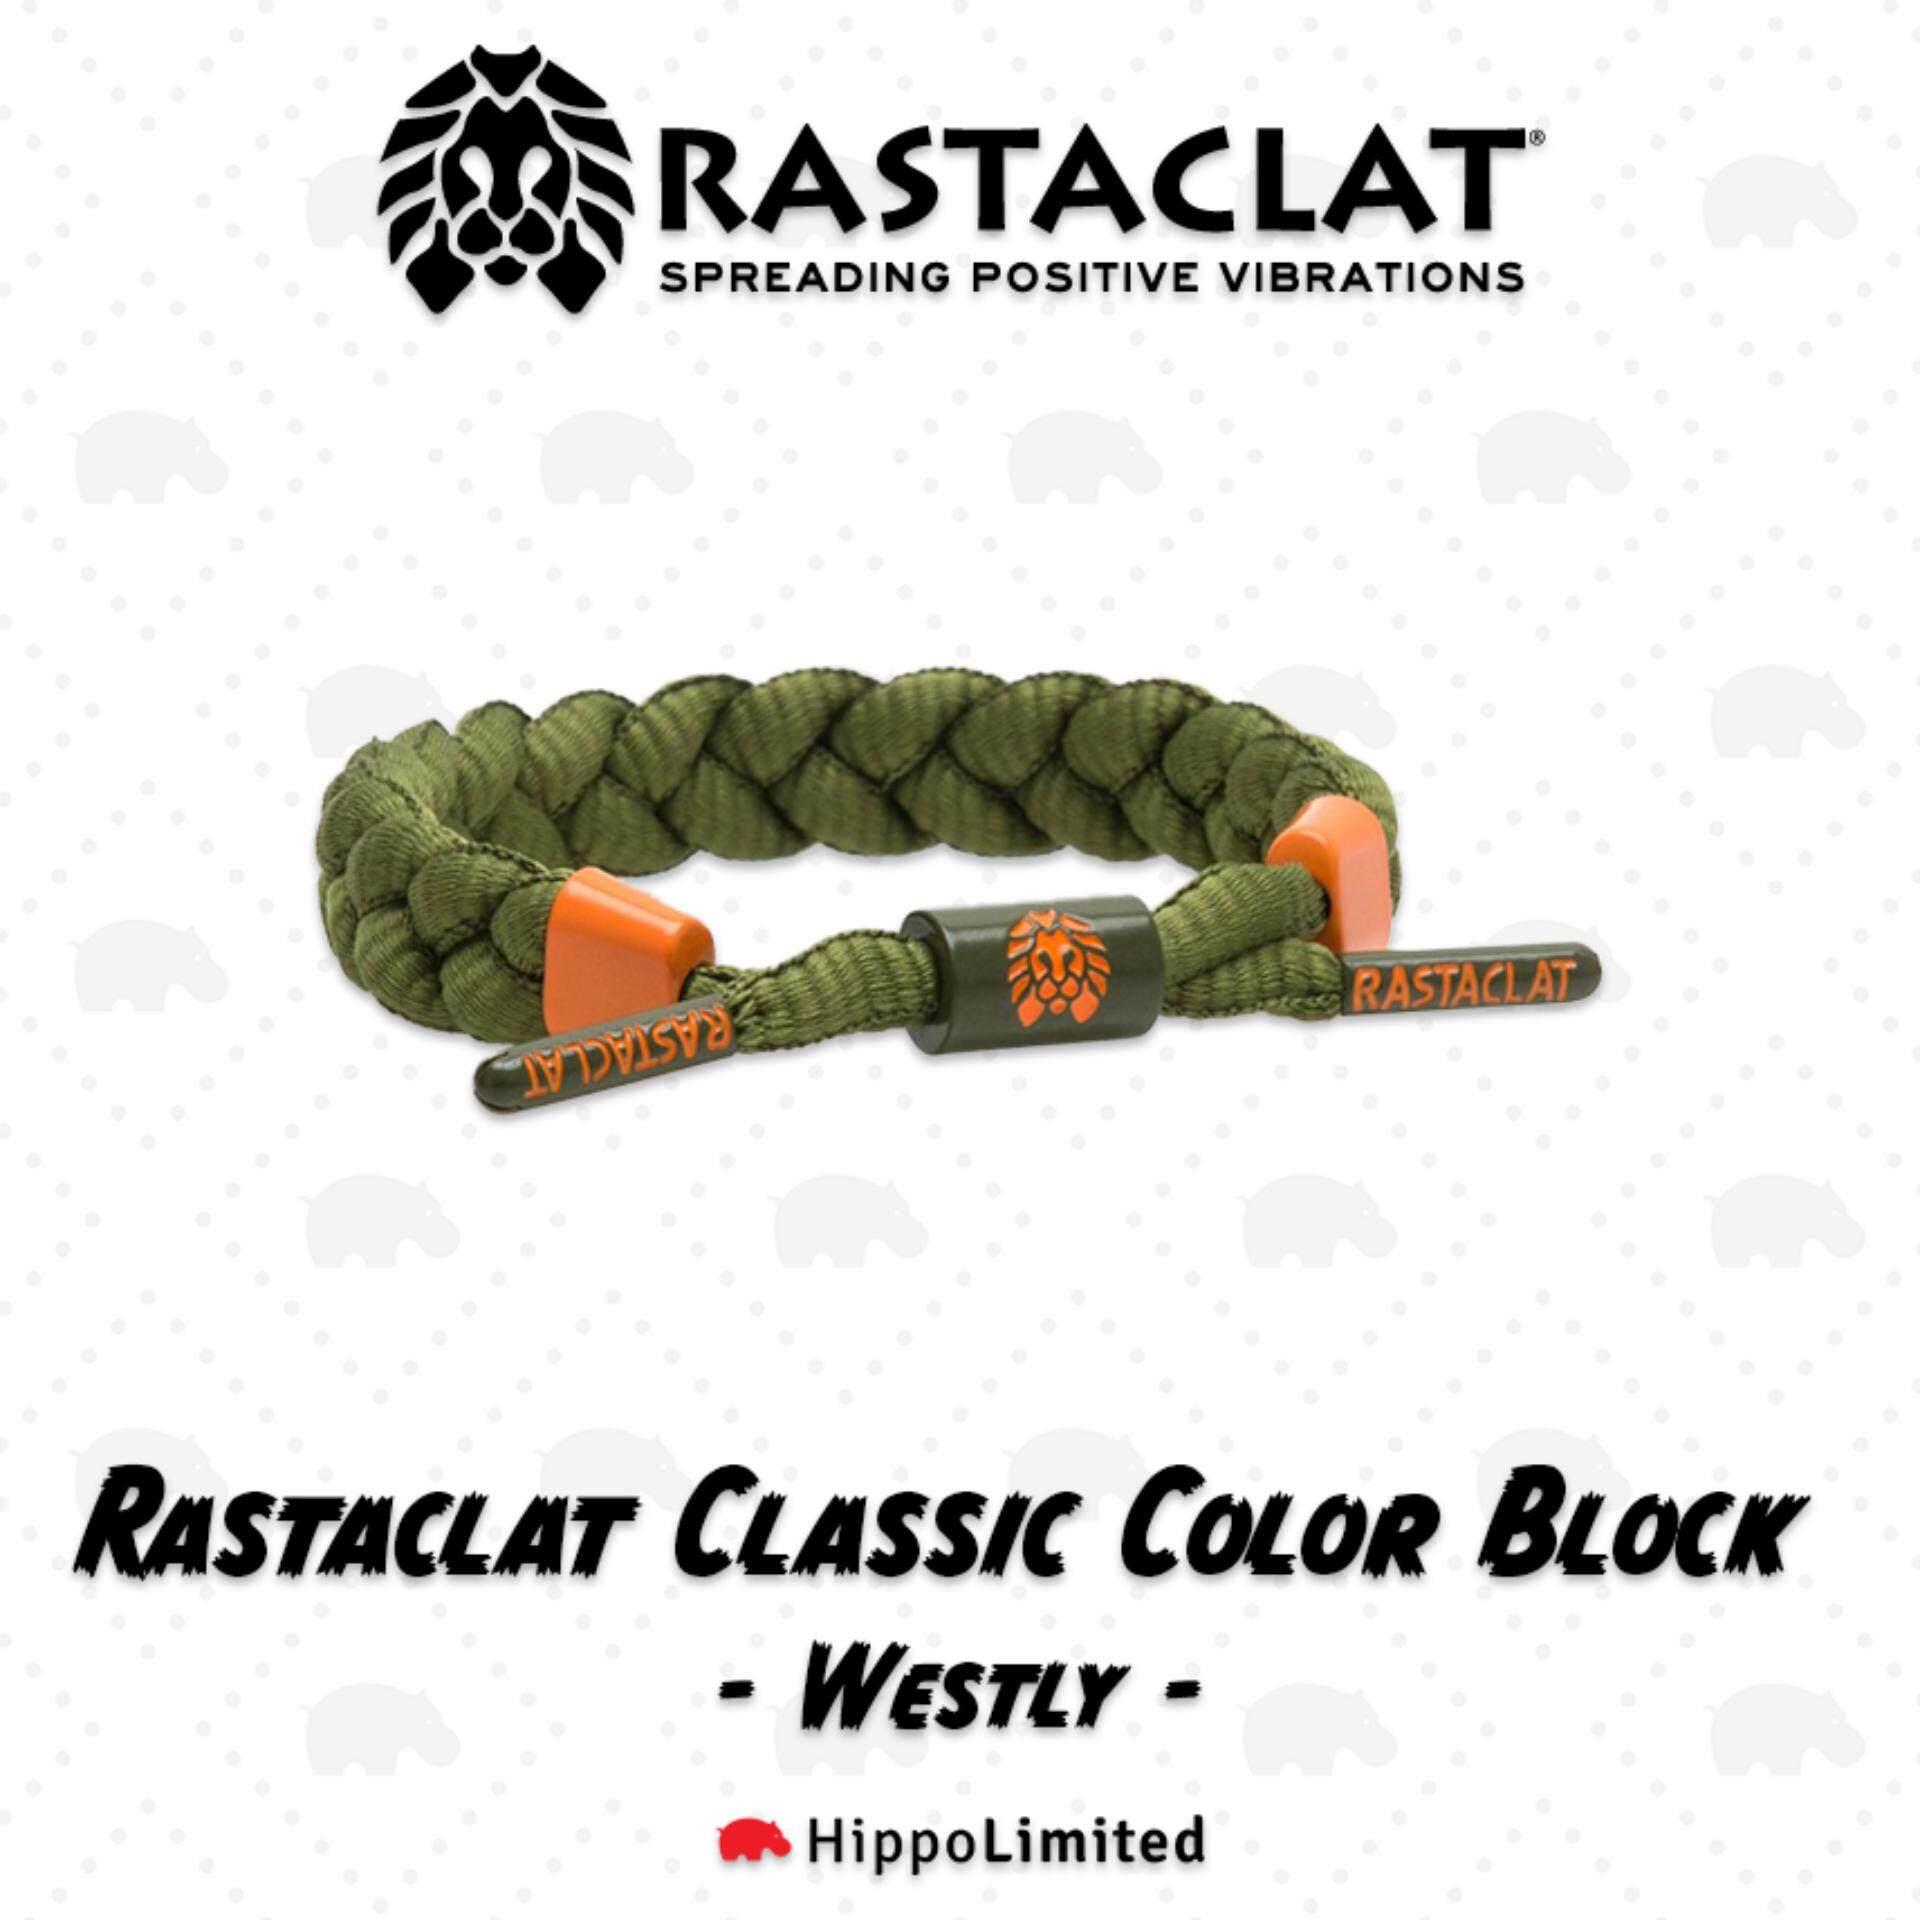 ซื้อ Rastaclat Classic Westly ถูก ใน กรุงเทพมหานคร